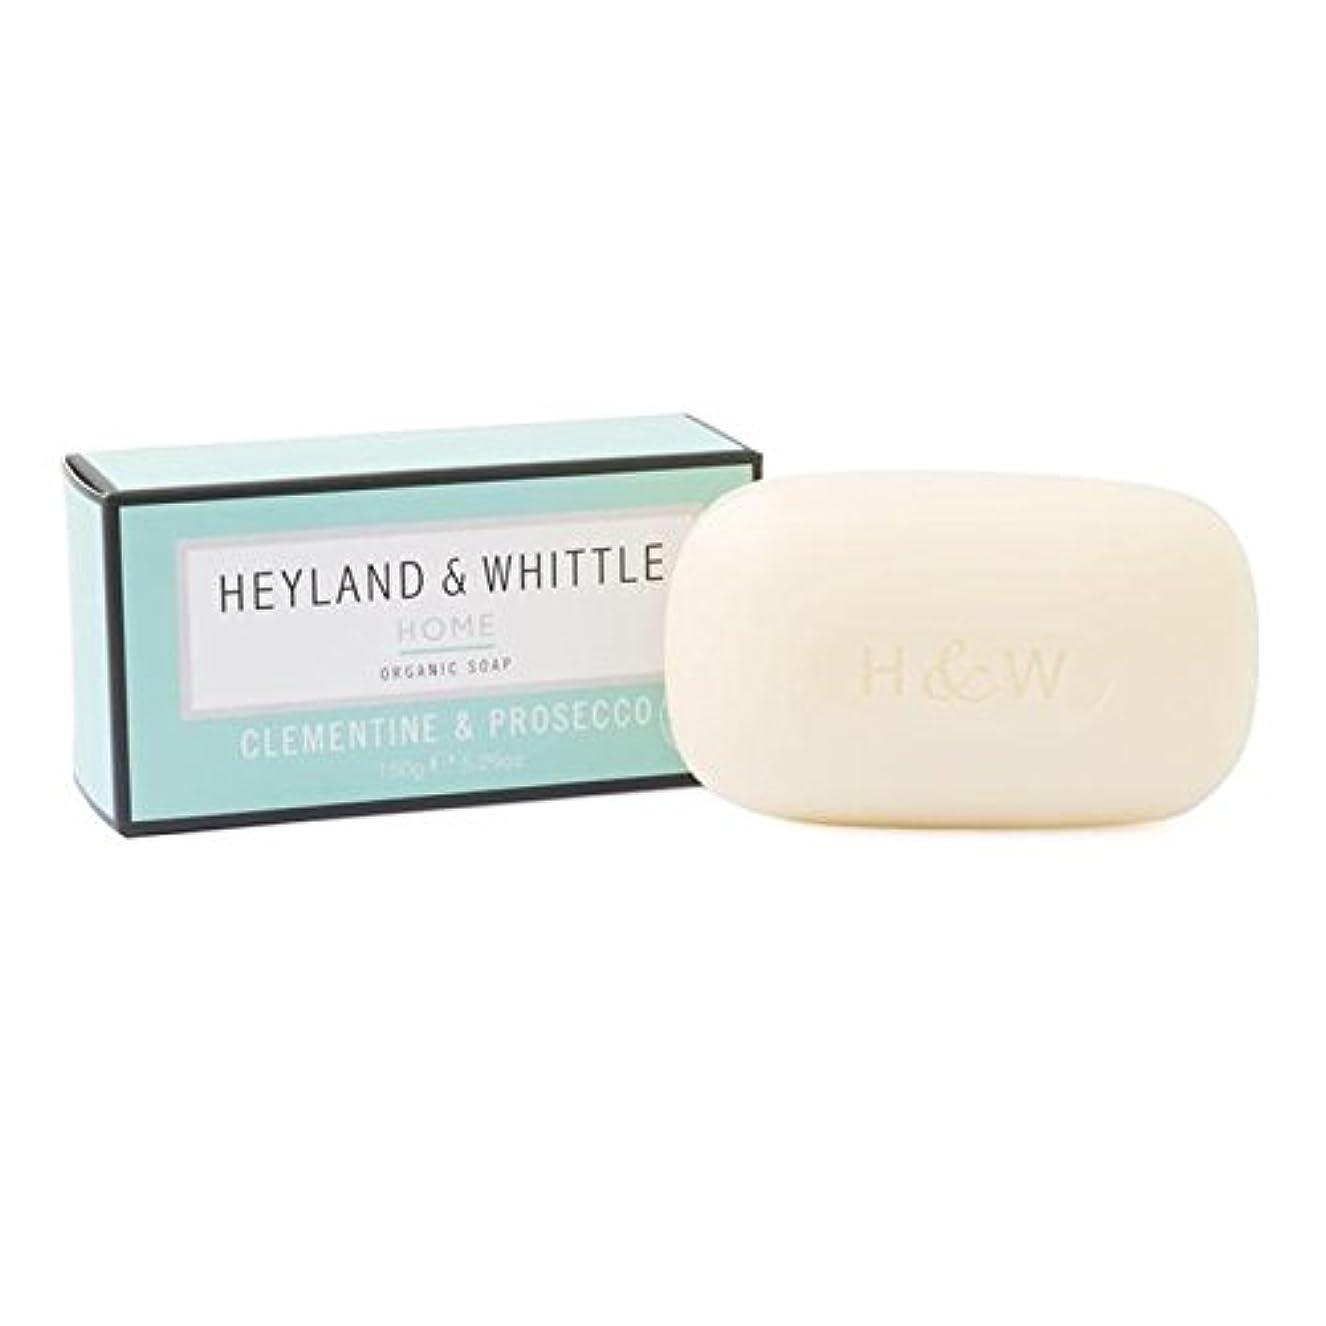 または野生義務づける&削るホームクレメンタイン&プロセッコ有機石鹸150グラム x4 - Heyland & Whittle Home Clementine & Prosecco Organic Soap 150g (Pack of 4)...